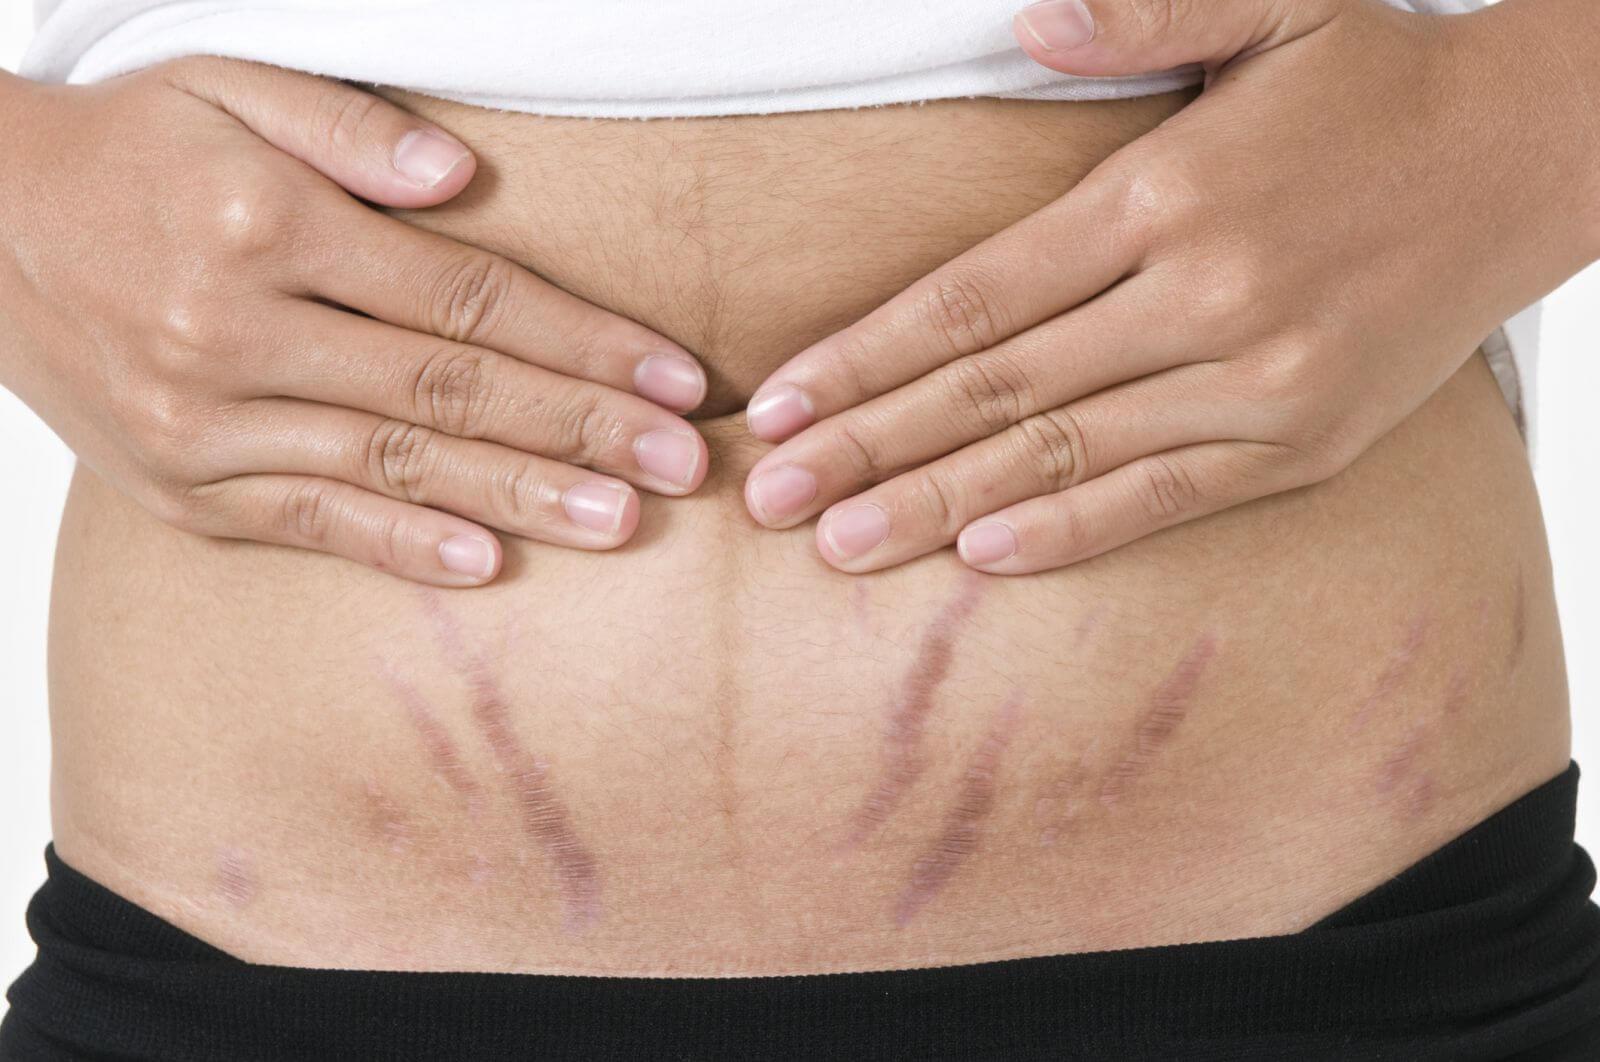 Sau khi sinh vết rạn da có tự mất?